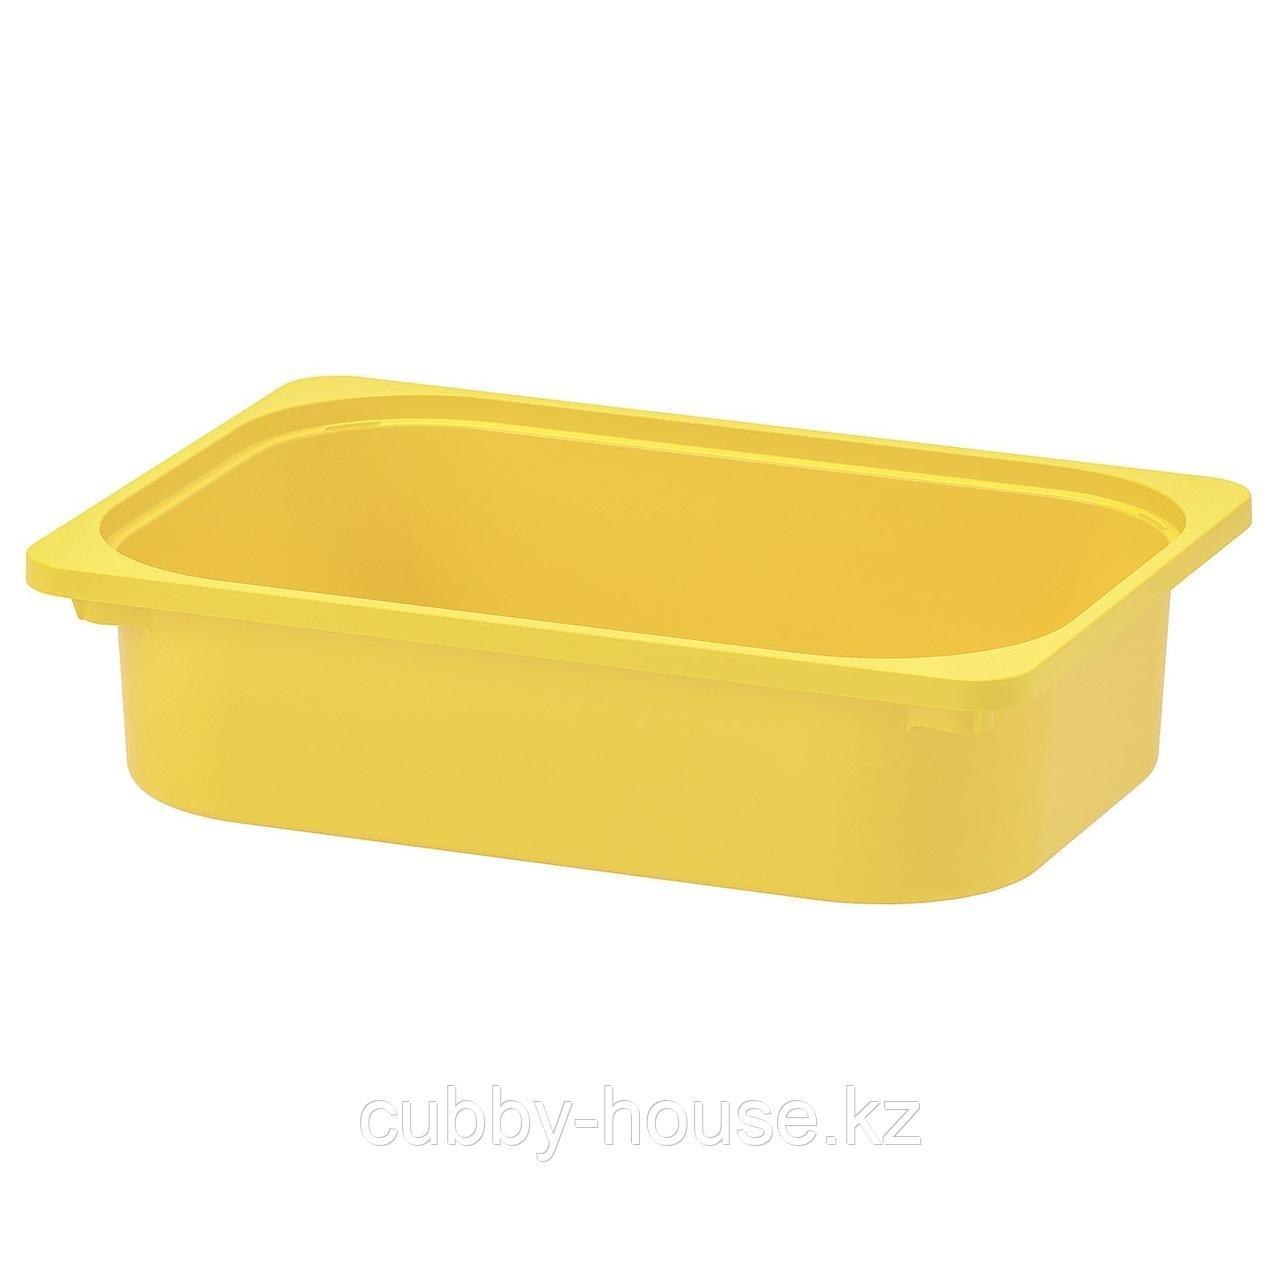 ТРУФАСТ Контейнер, желтый, 42x30x10 см